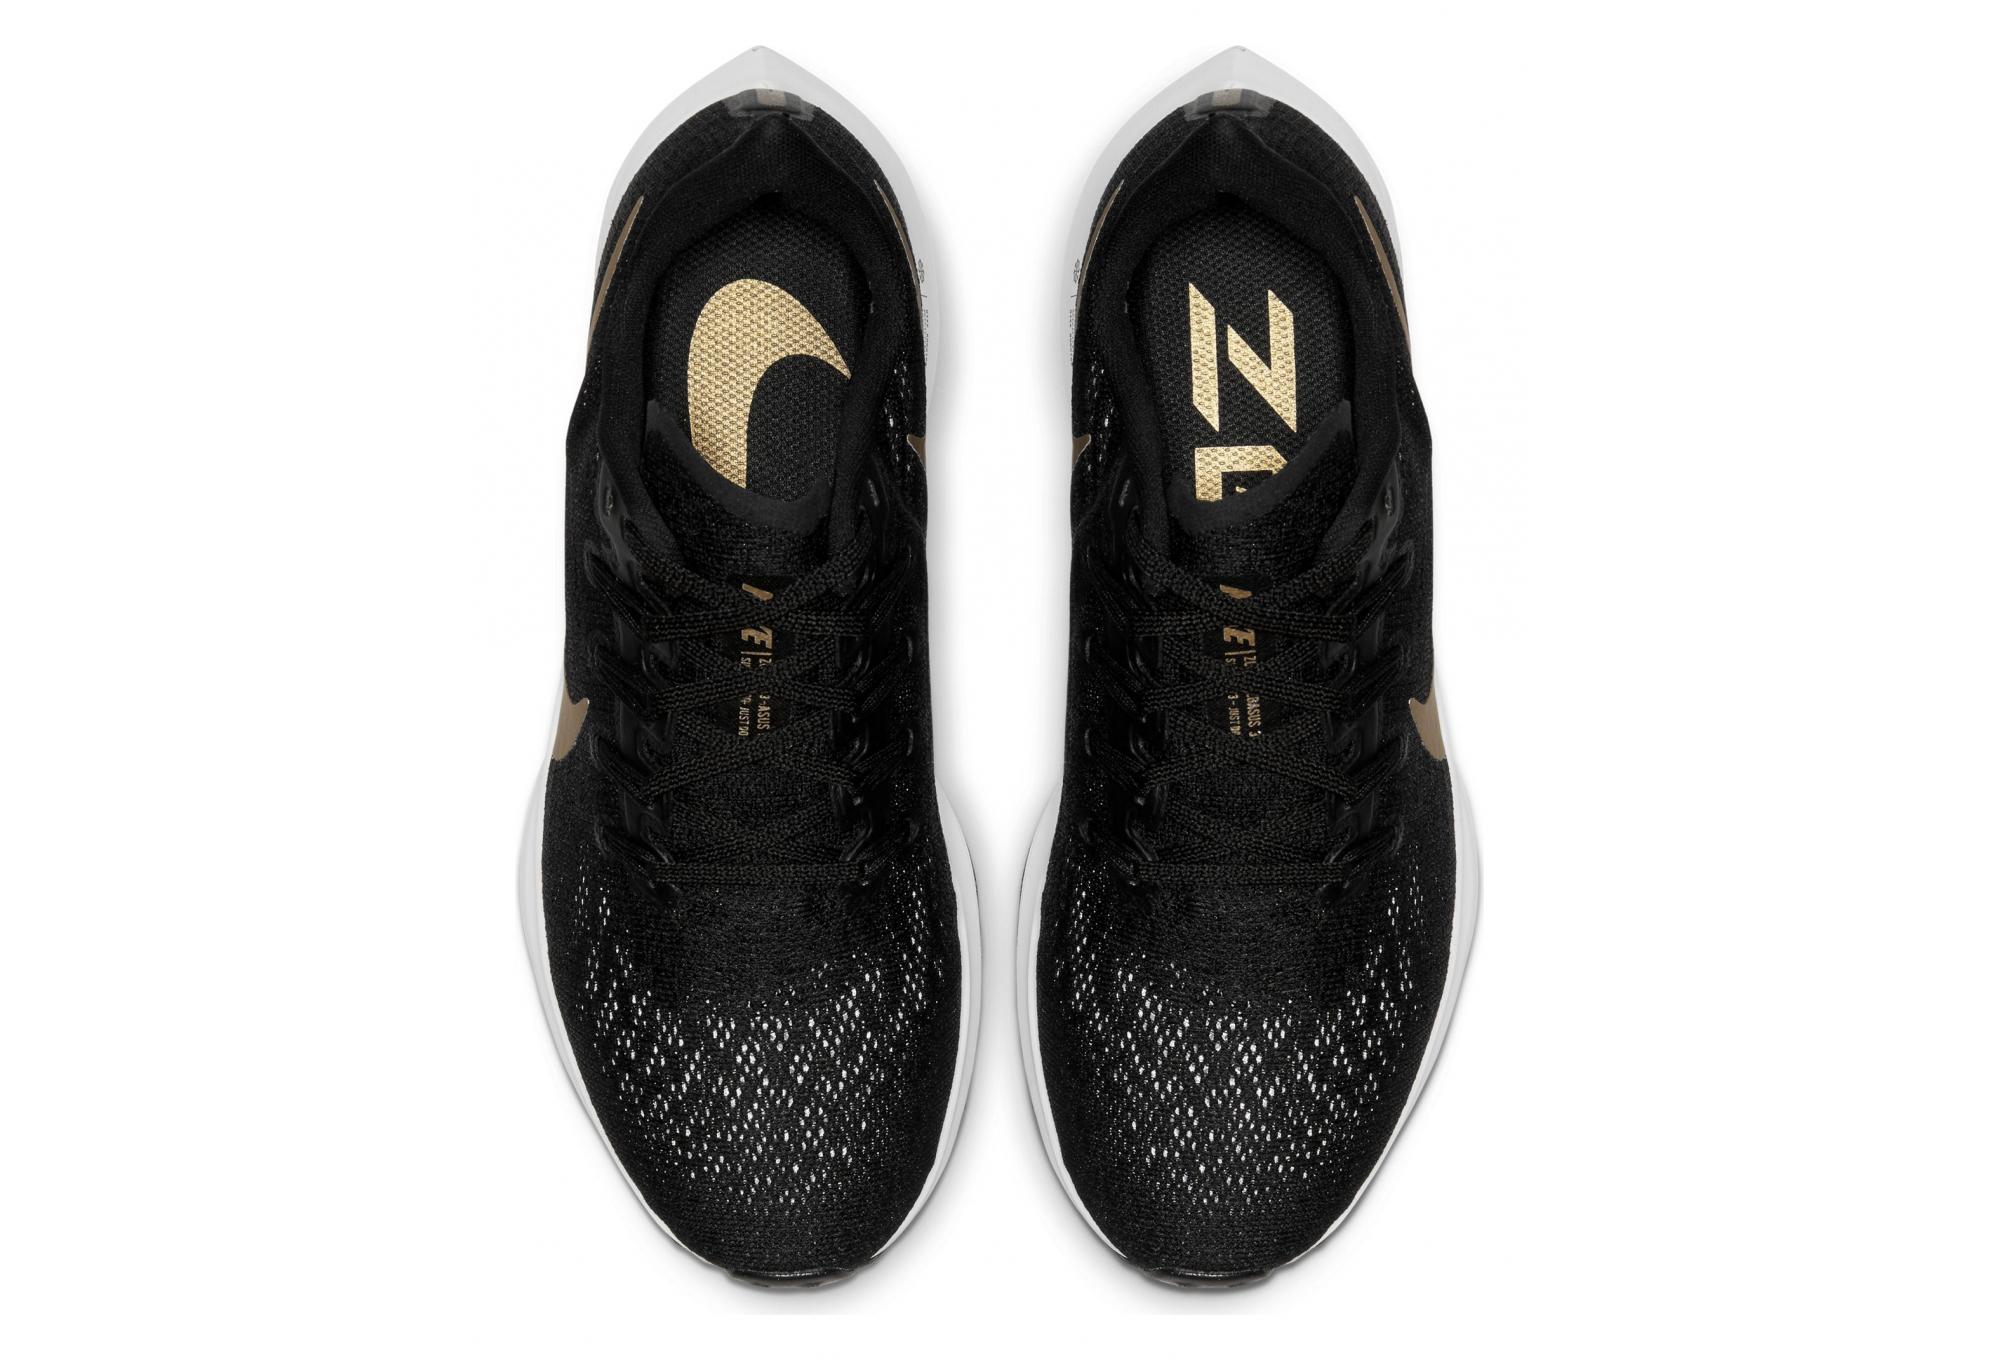 zapatillas nike mujer en negro